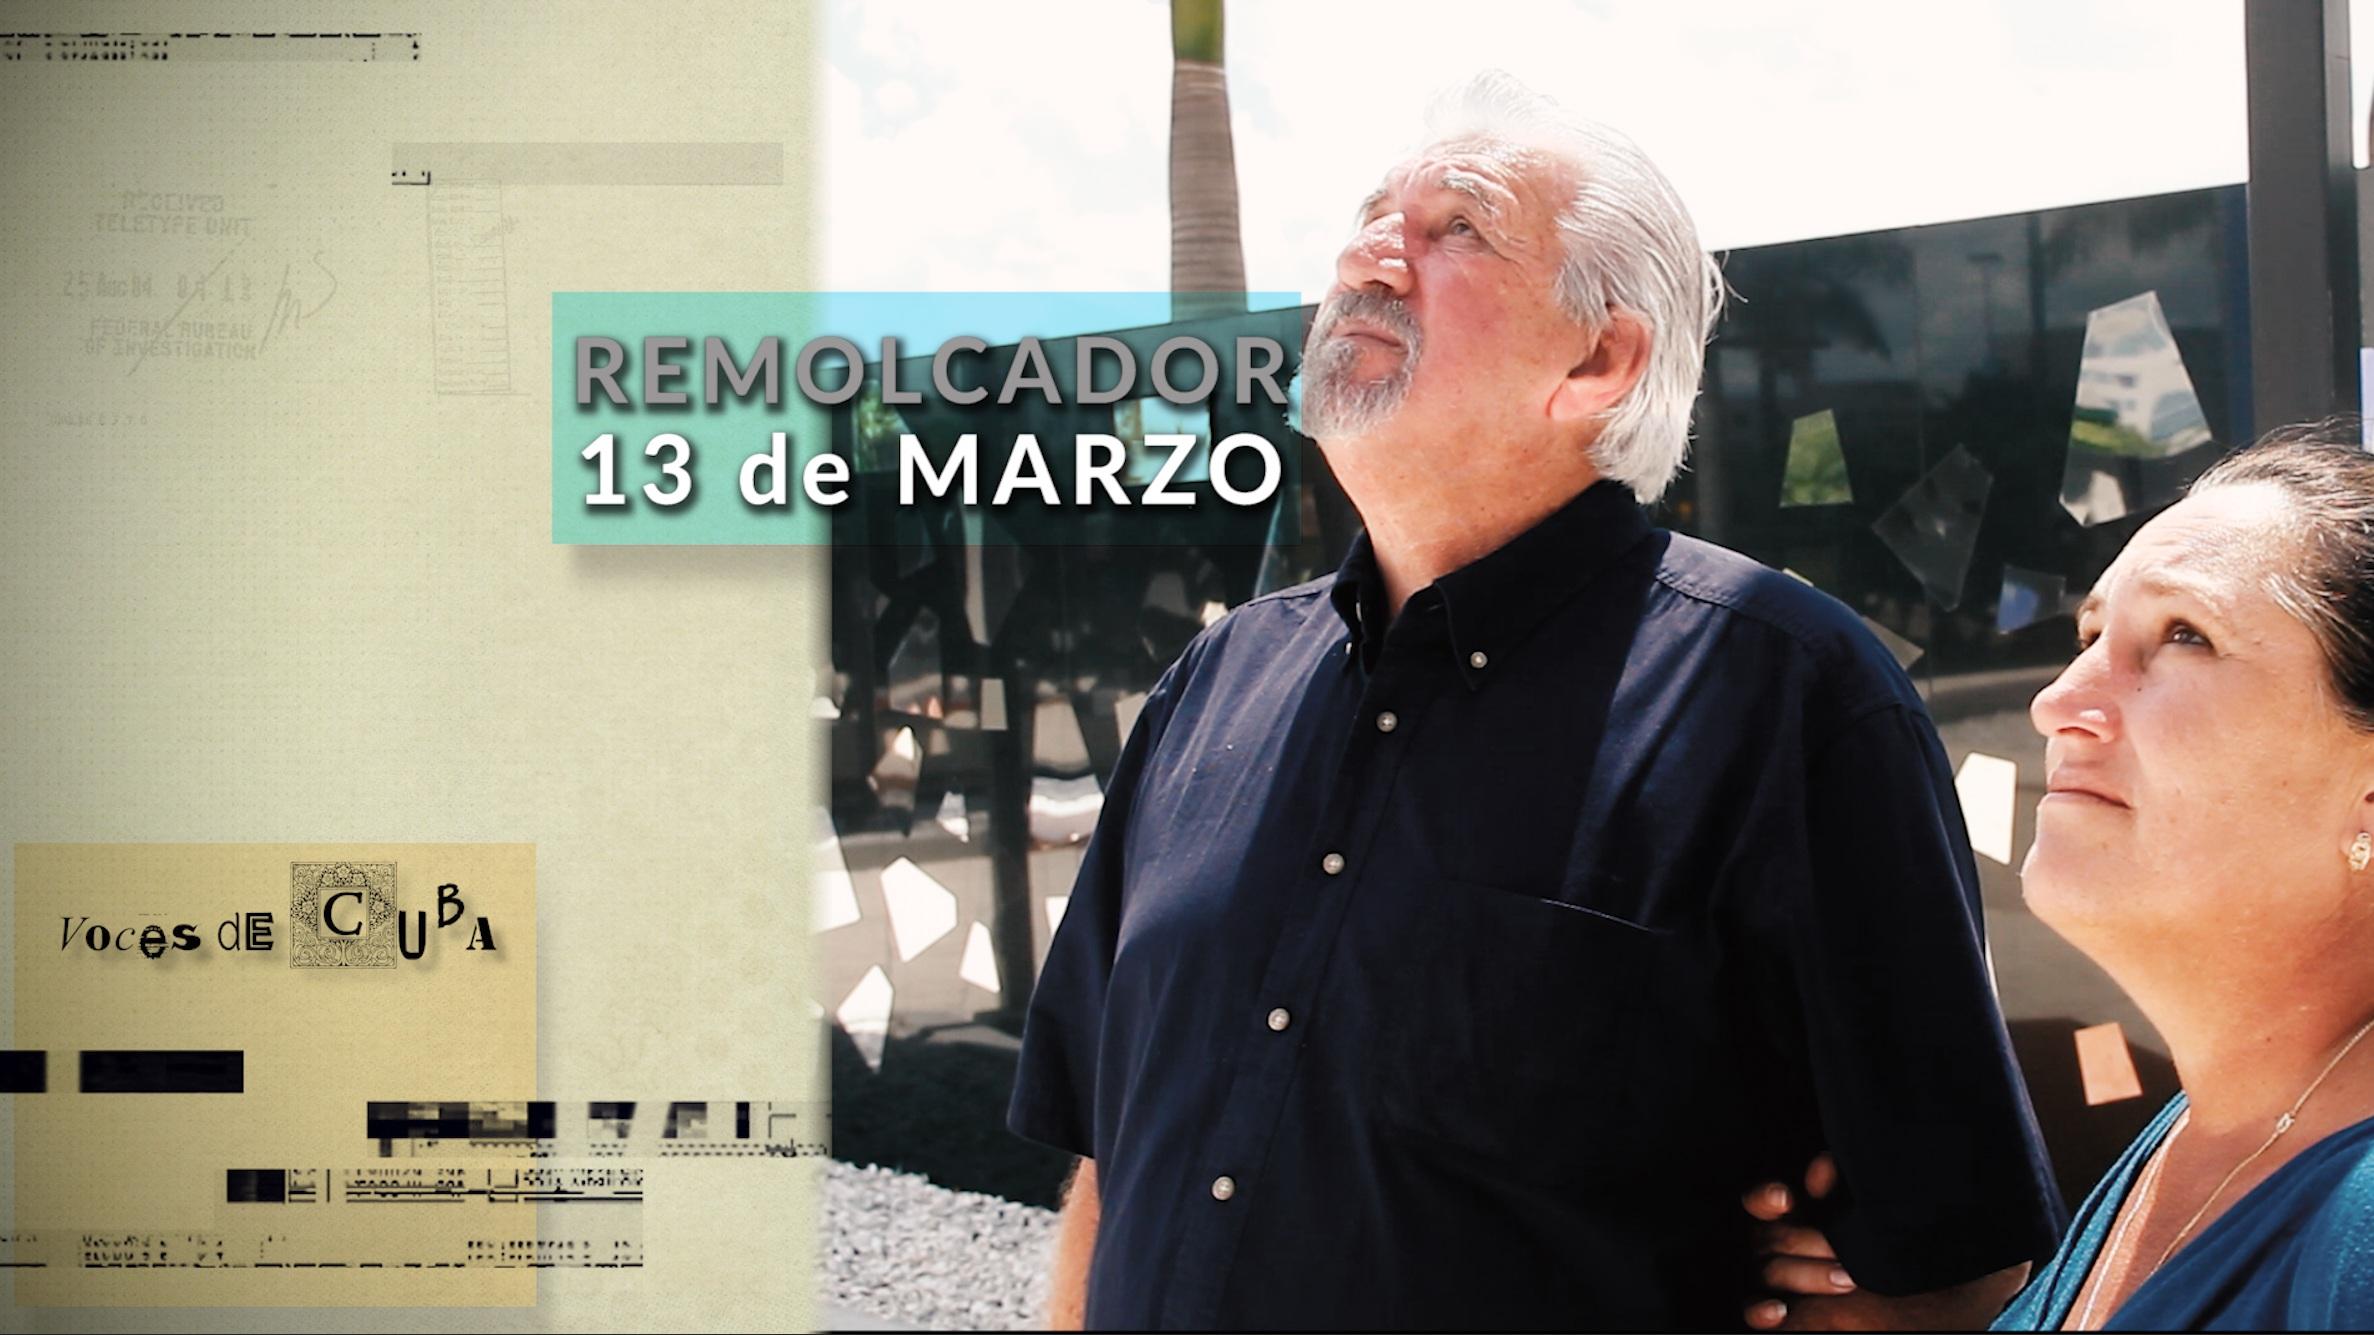 REMOLCADOR+13+DE+MARZO.jpg